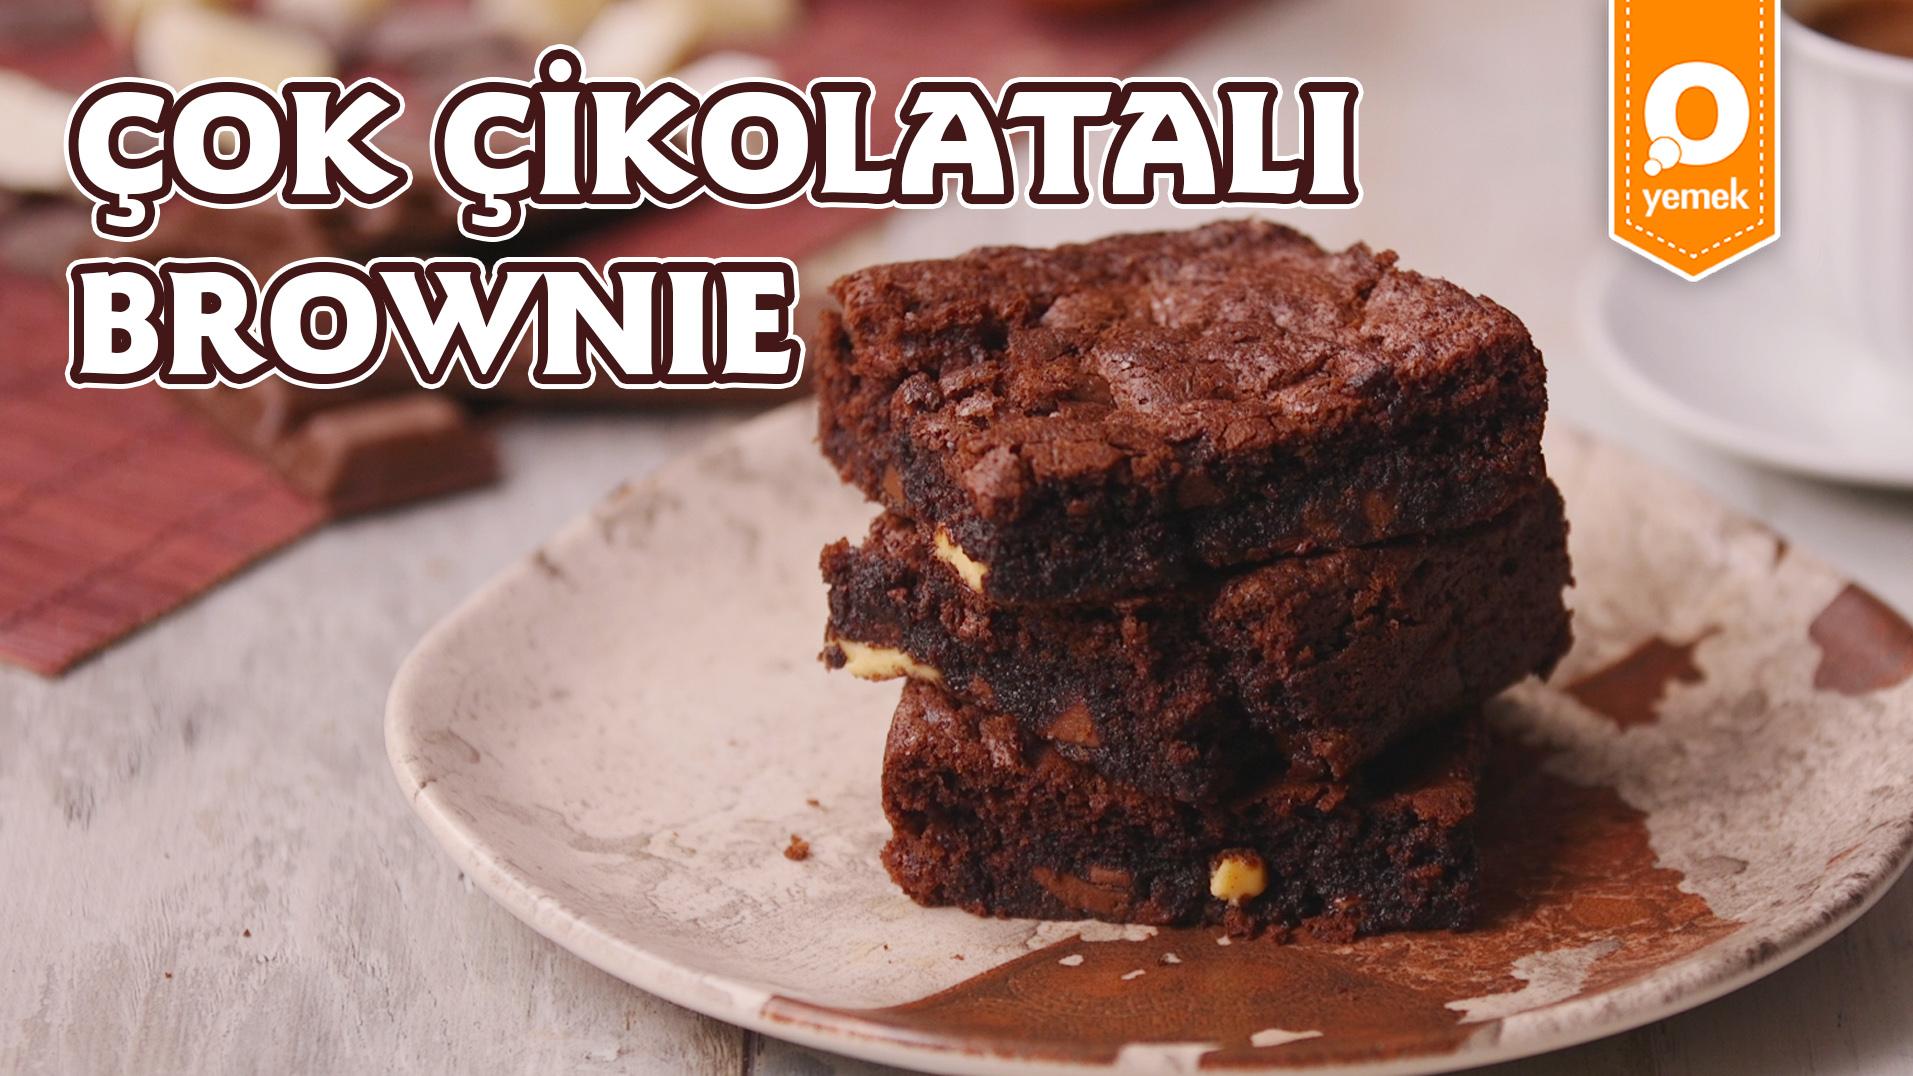 Çikolata Aşıklarına Müjde! Çok Çikolatalı Brownie Nasıl Yapılır?